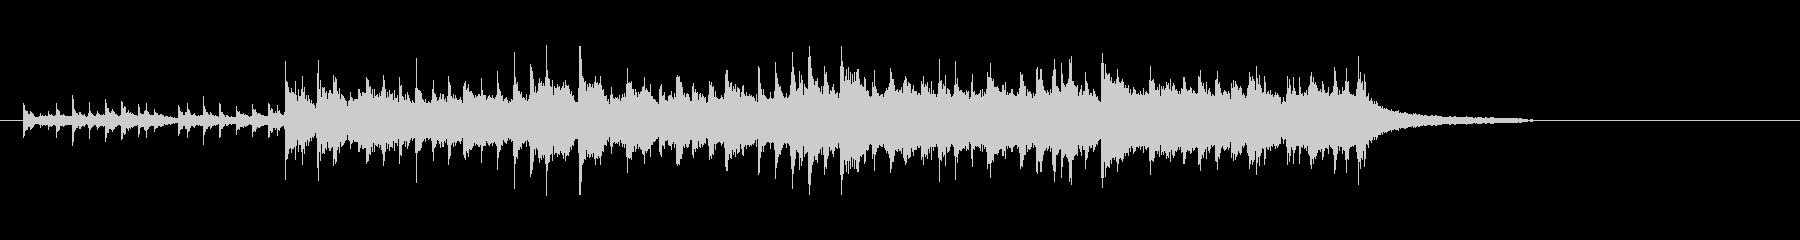 民族音楽風(バグ・パイプ調)の未再生の波形